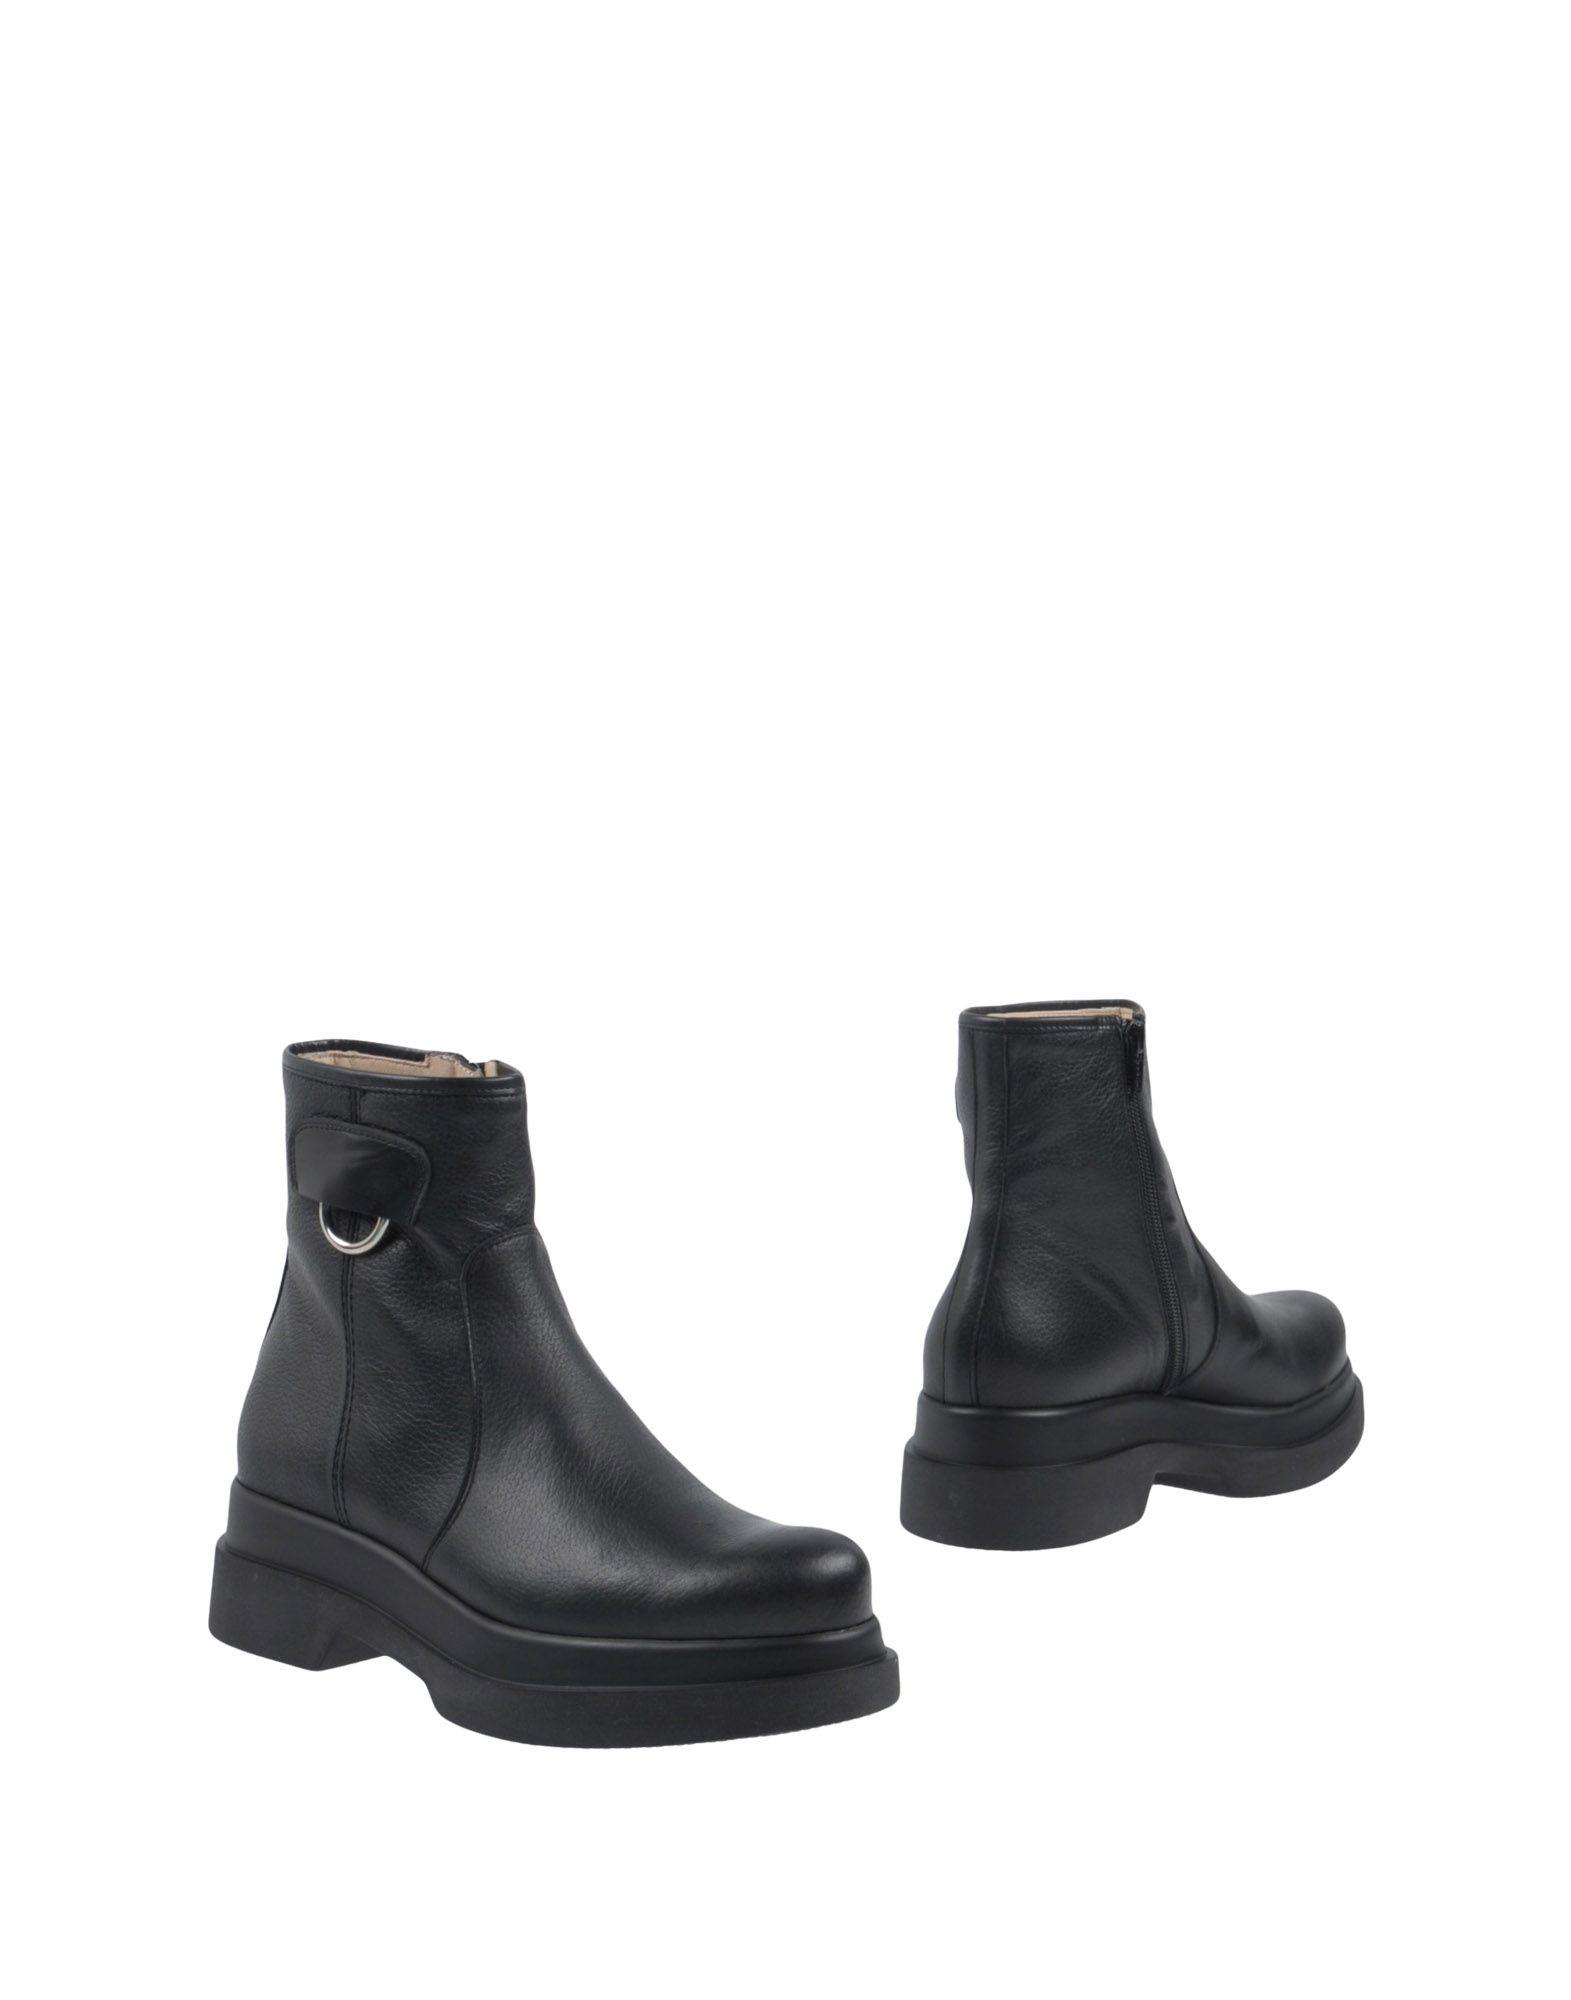 Sneakers Y-3 Uomo - 11354875JG Scarpe economiche e buone